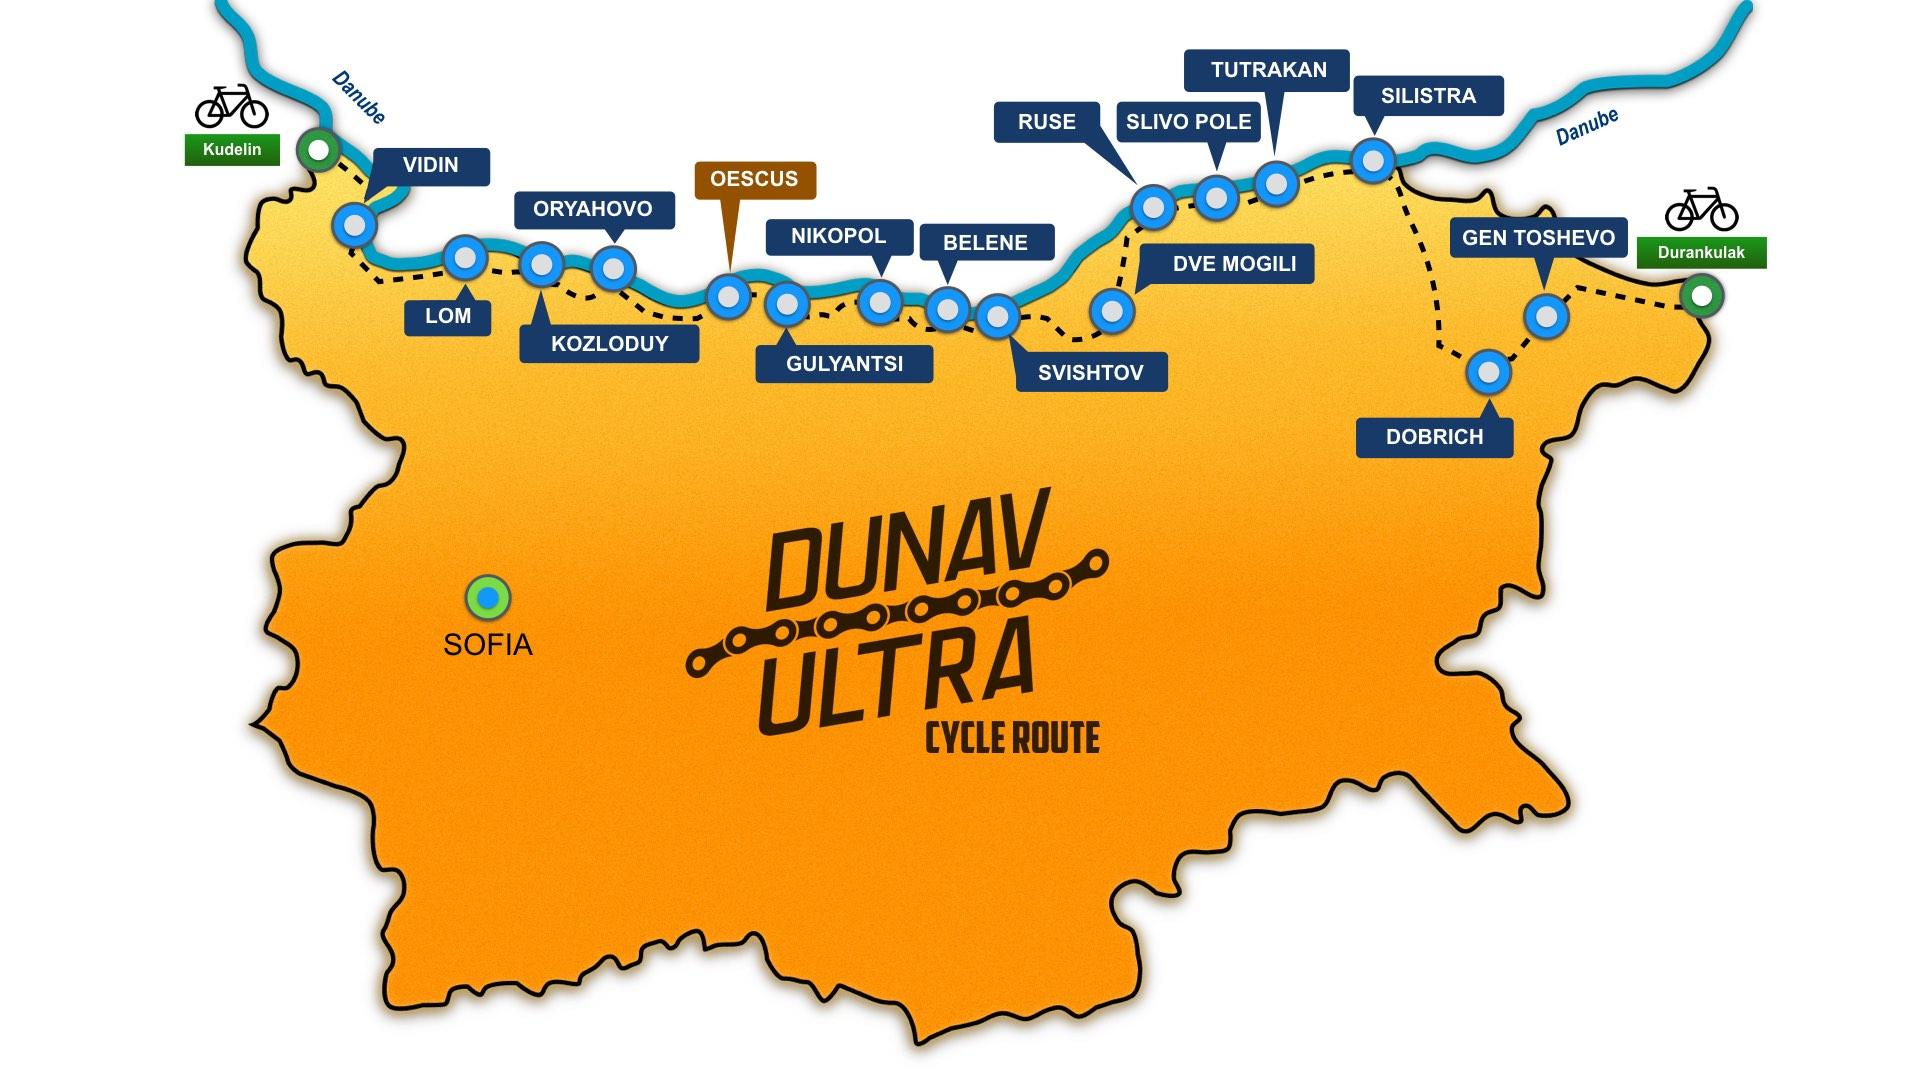 dunavultra_map_marathon